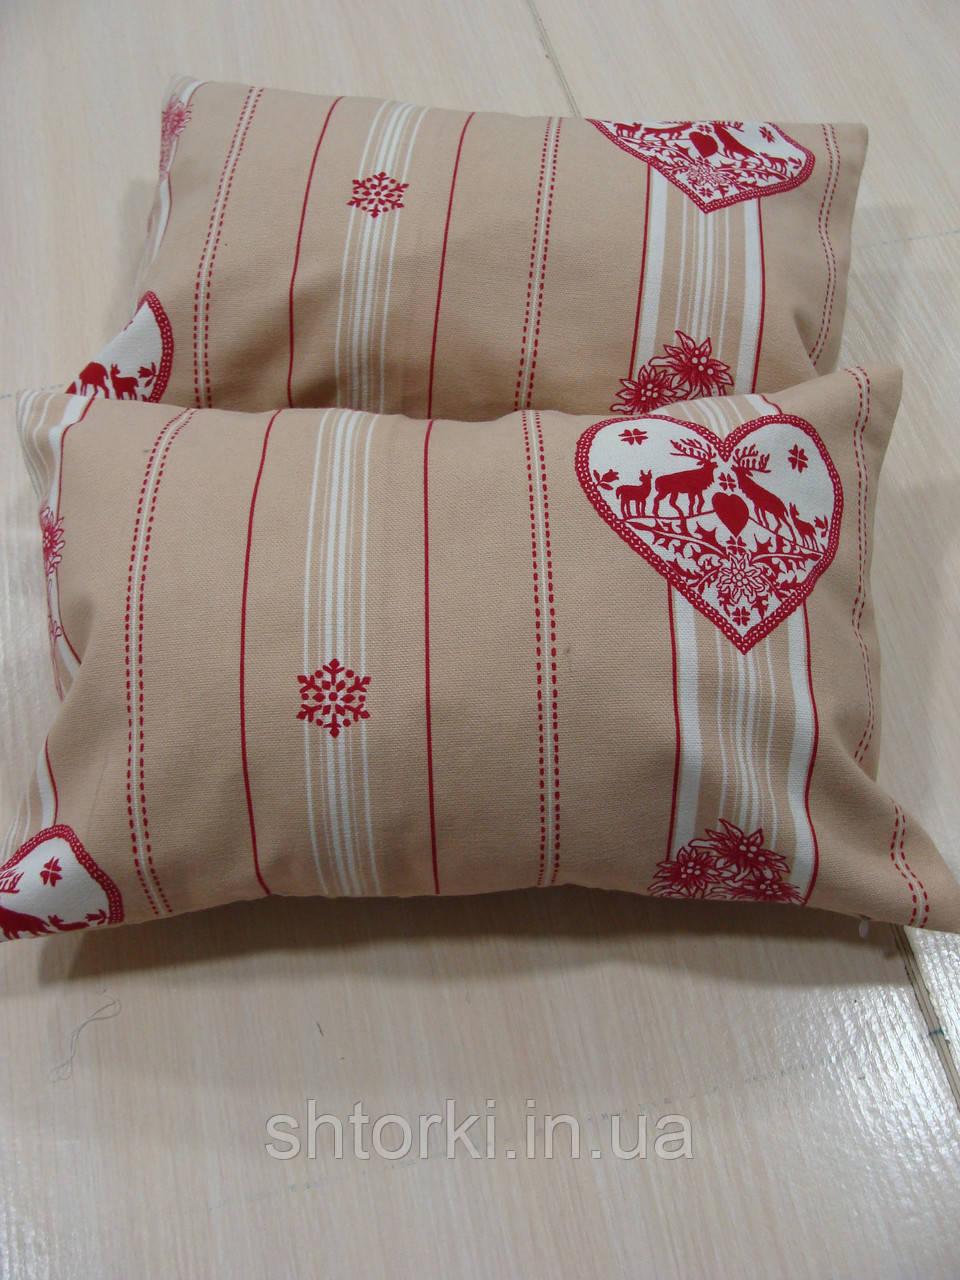 Комплект подушек  2шт Орнамент беж с красным